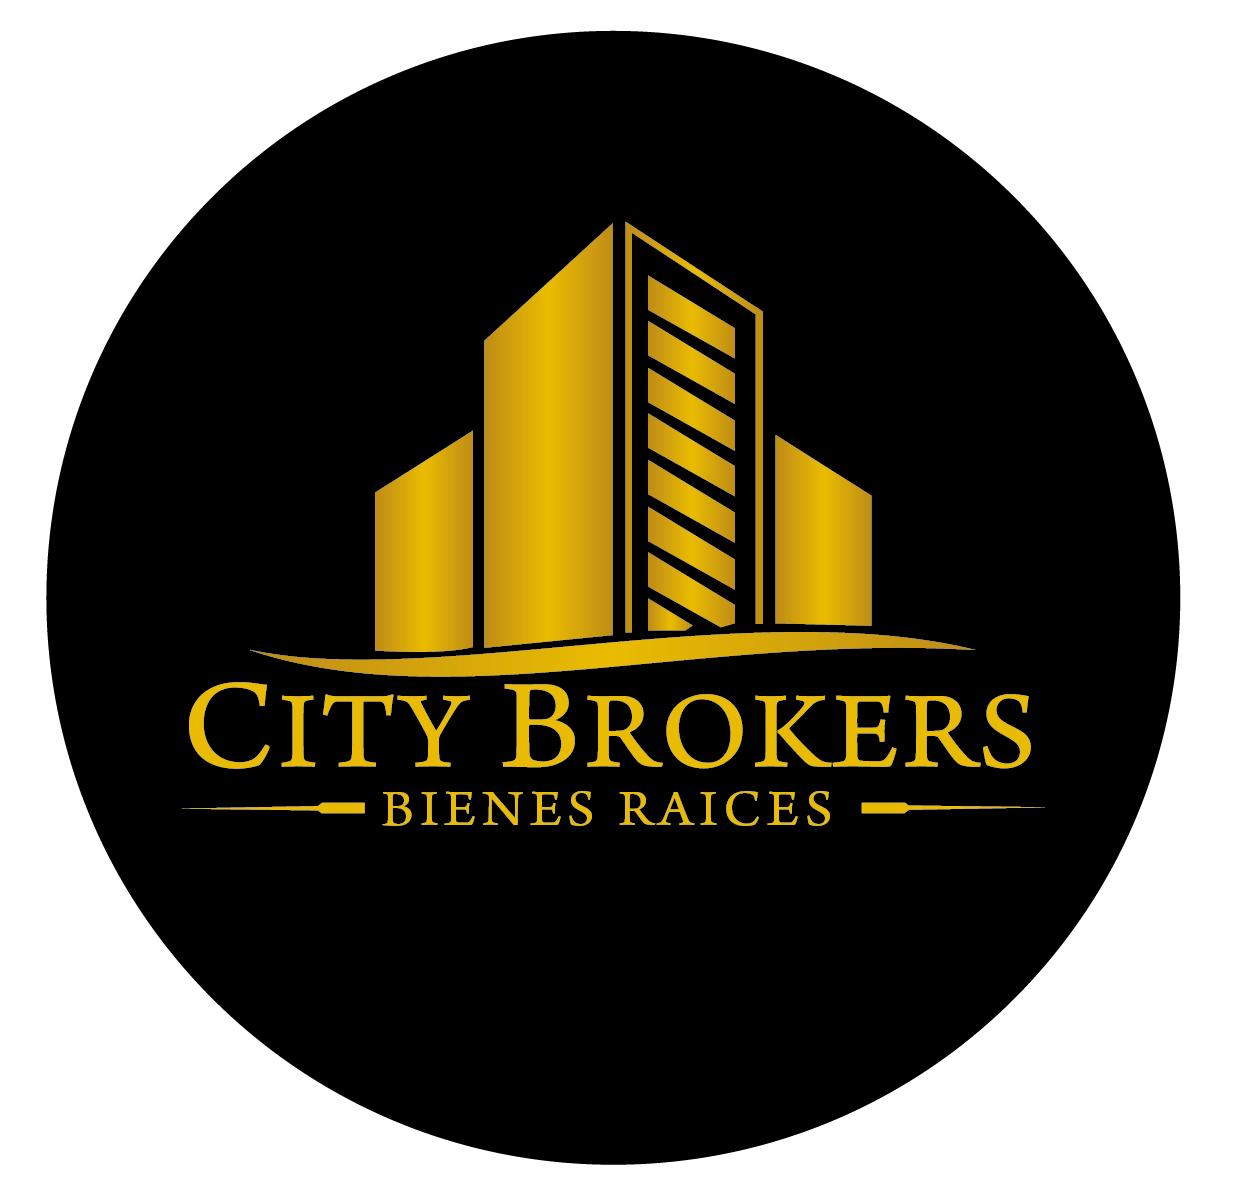 City Brokers